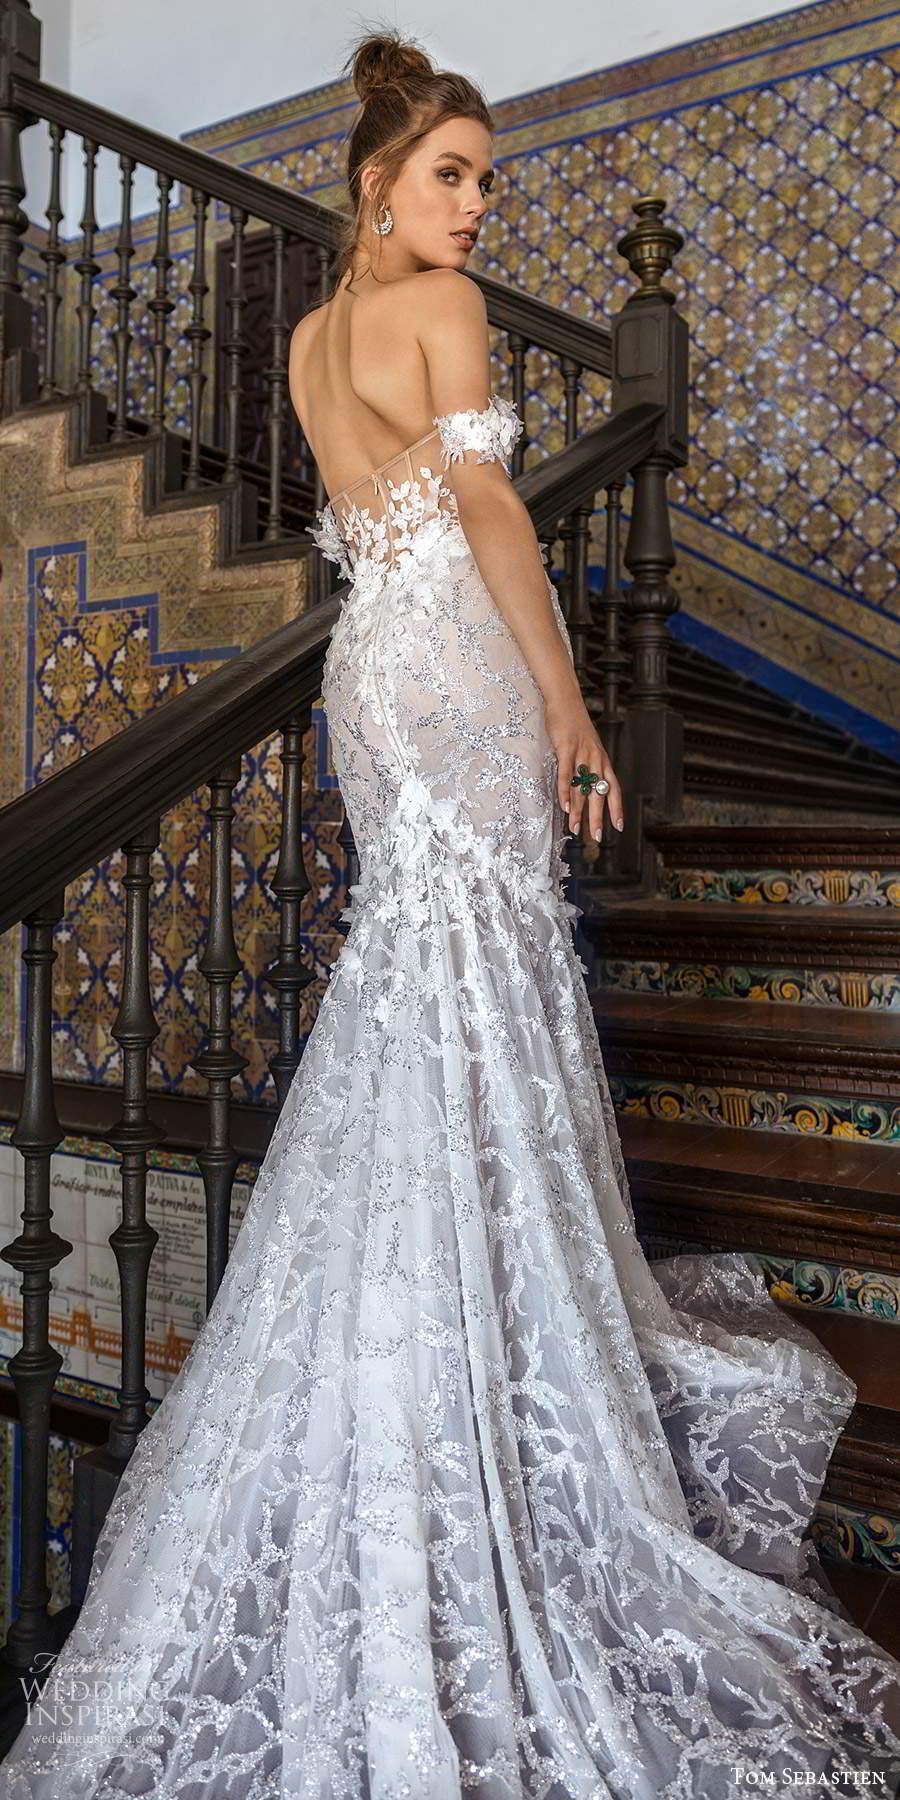 tom sebastien 2021 bridal off shoulder straps sweetheart neckline fully embellished fit flare mermaid wedding dress chapel train (4) bv